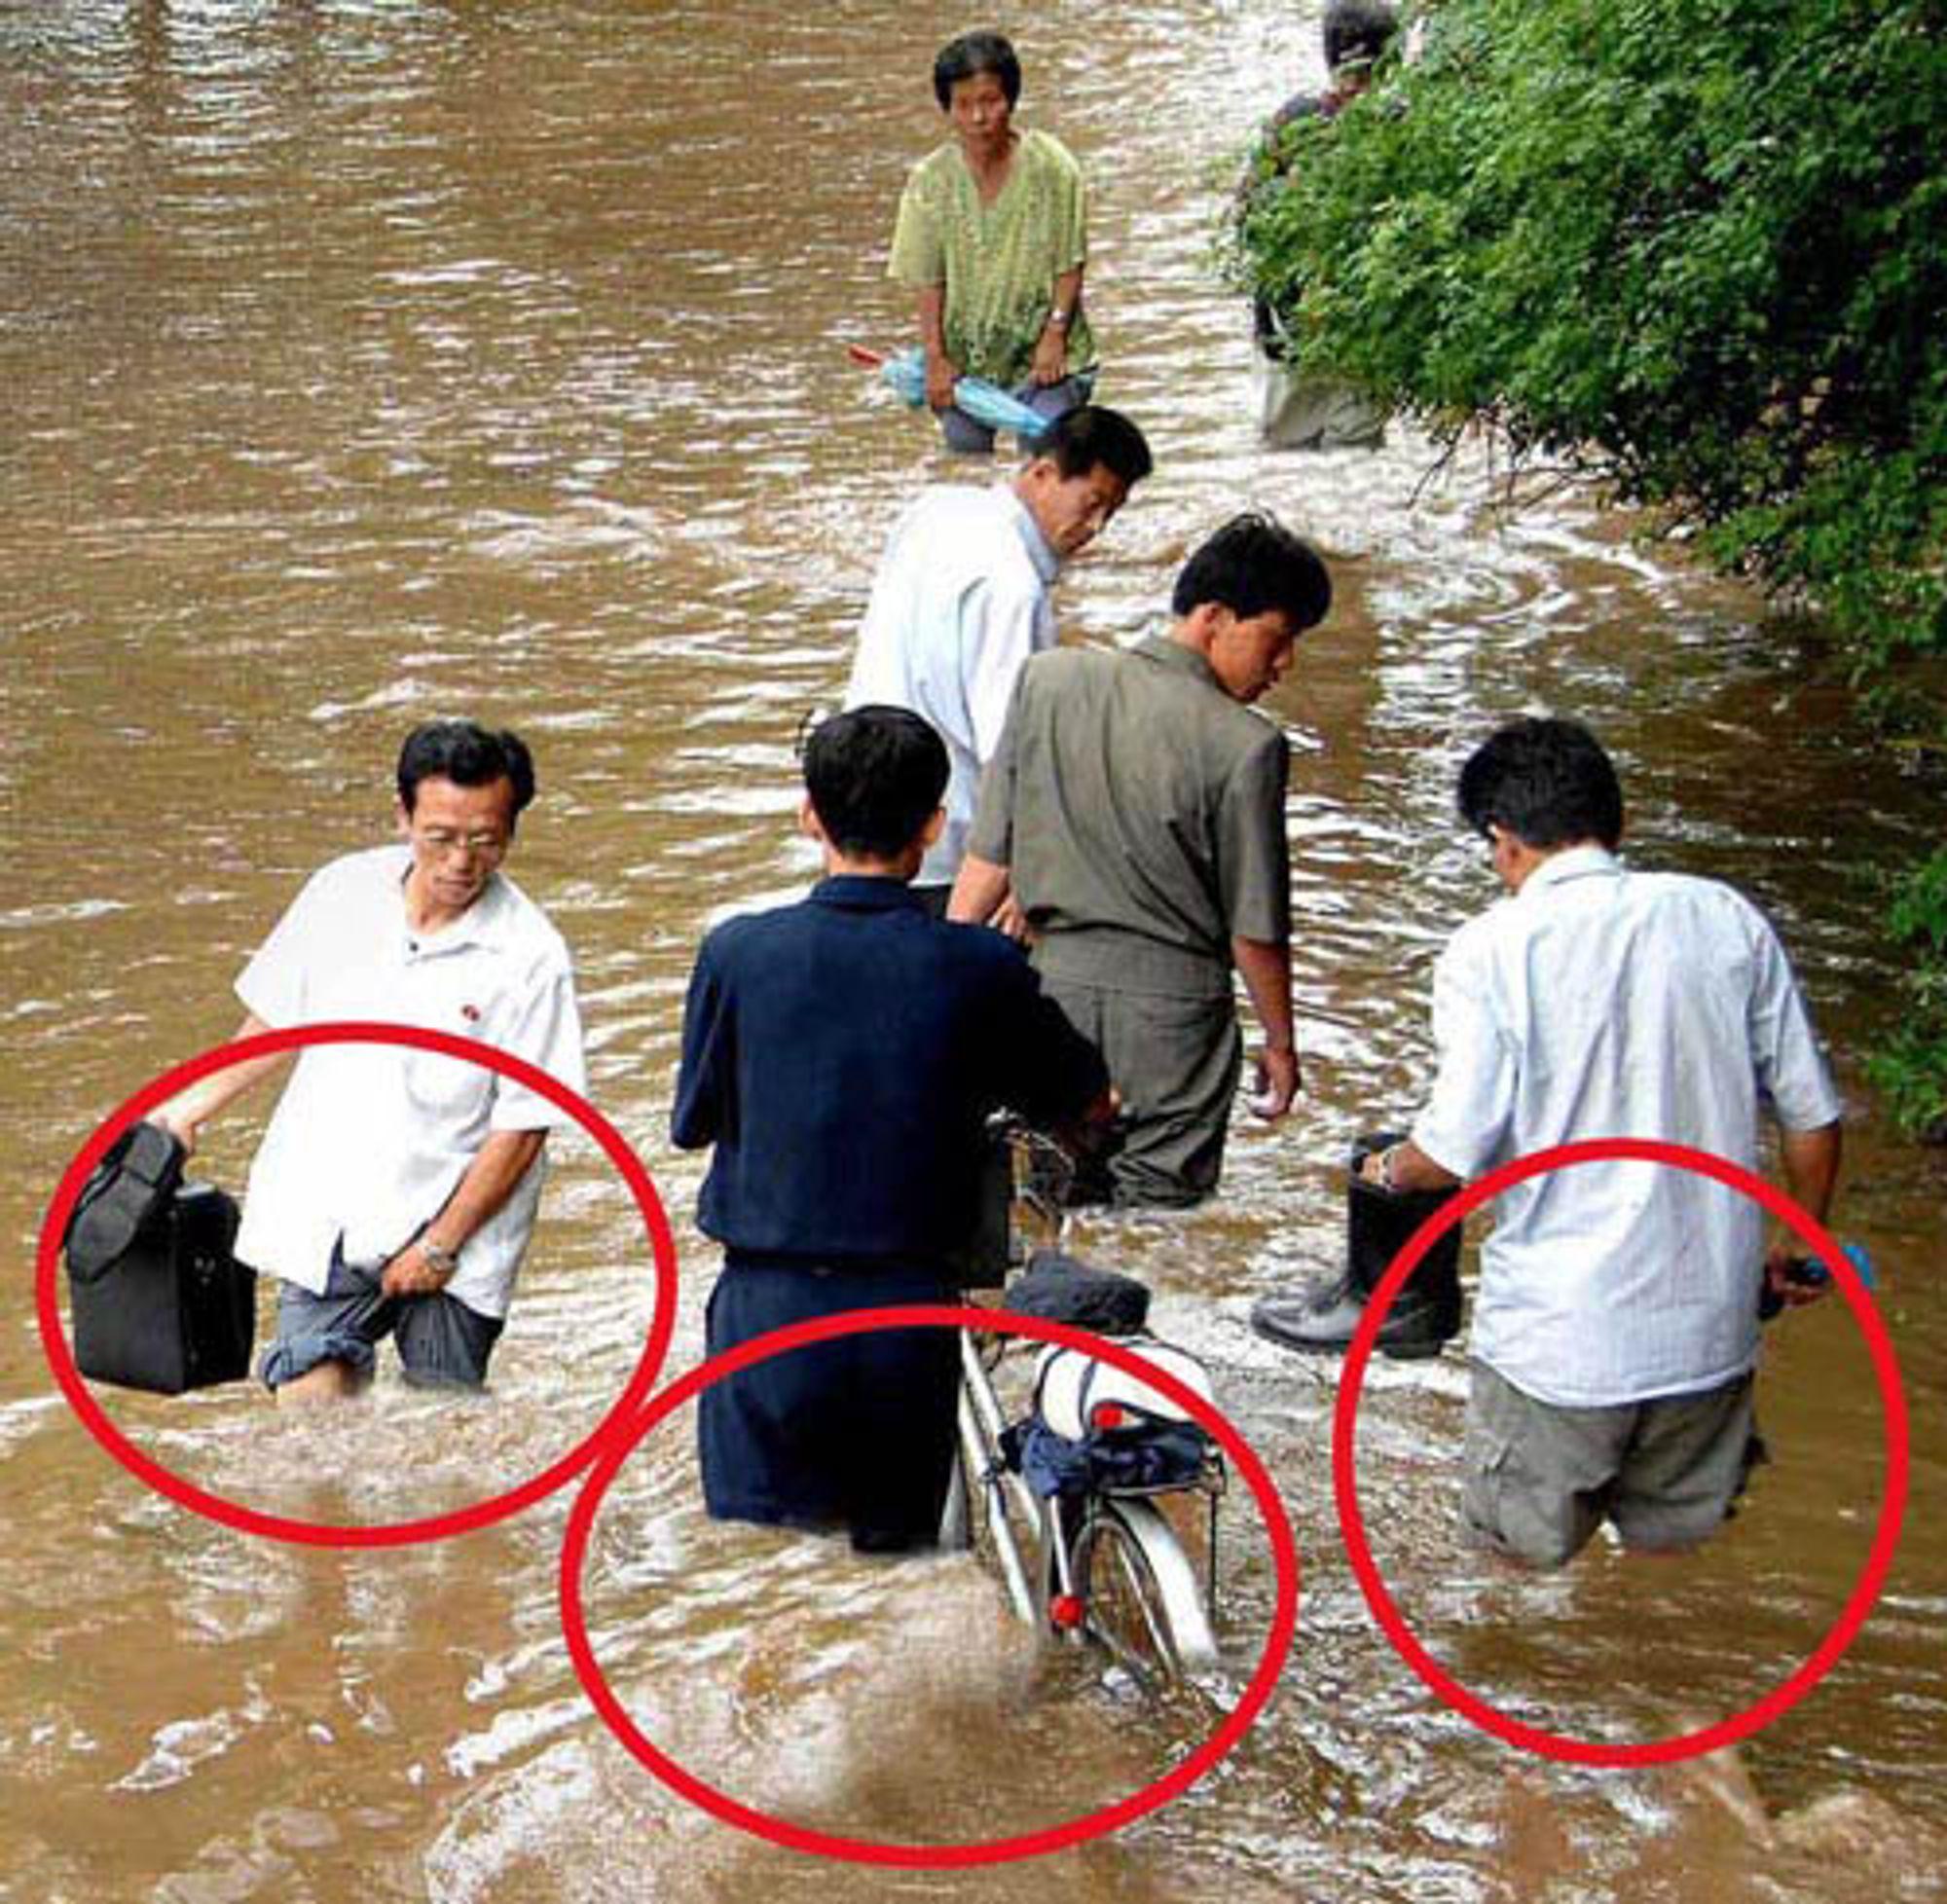 Til tross for flommen var ingen av mennene våte. Vi håper fotografen ikke ble sendt til arbeidsleir for å ha satt sin leder i skam på grunn av denne blemmen.